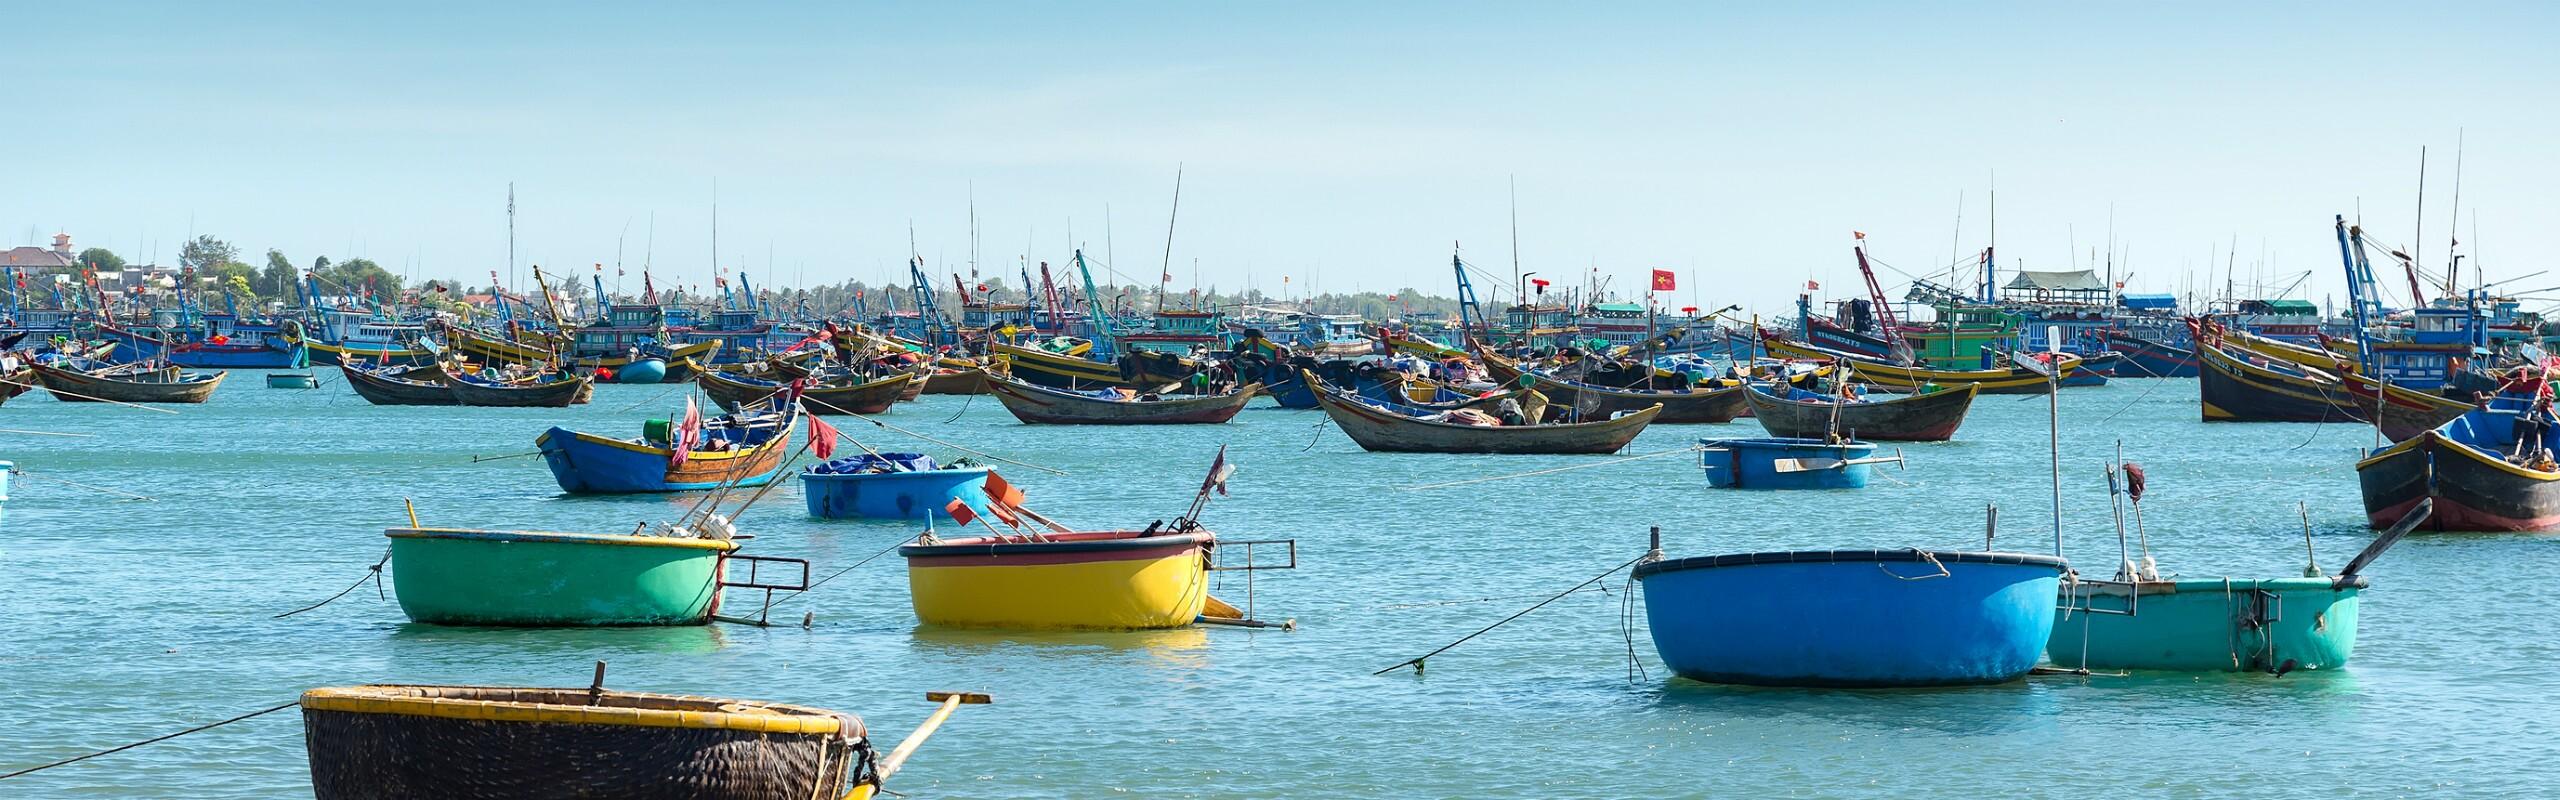 Obtaining a Visa for Vietnam via Vietnam Embassy or Consulate